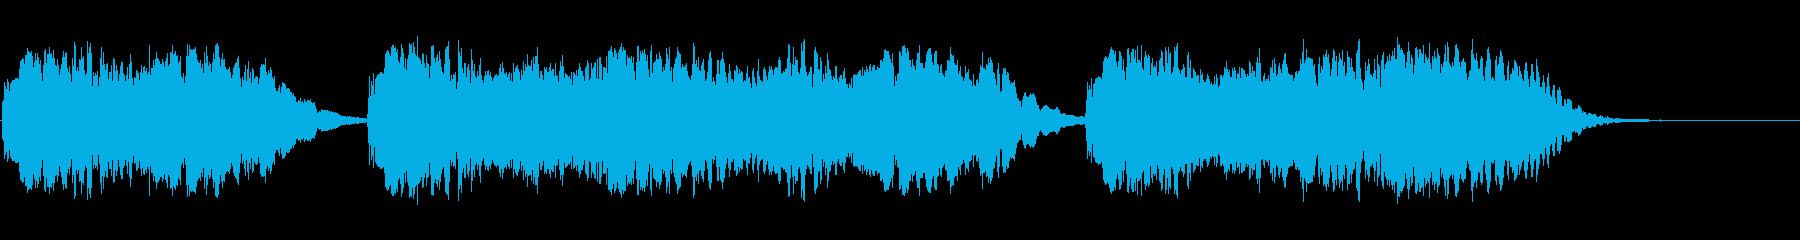 背景音 懐古の再生済みの波形